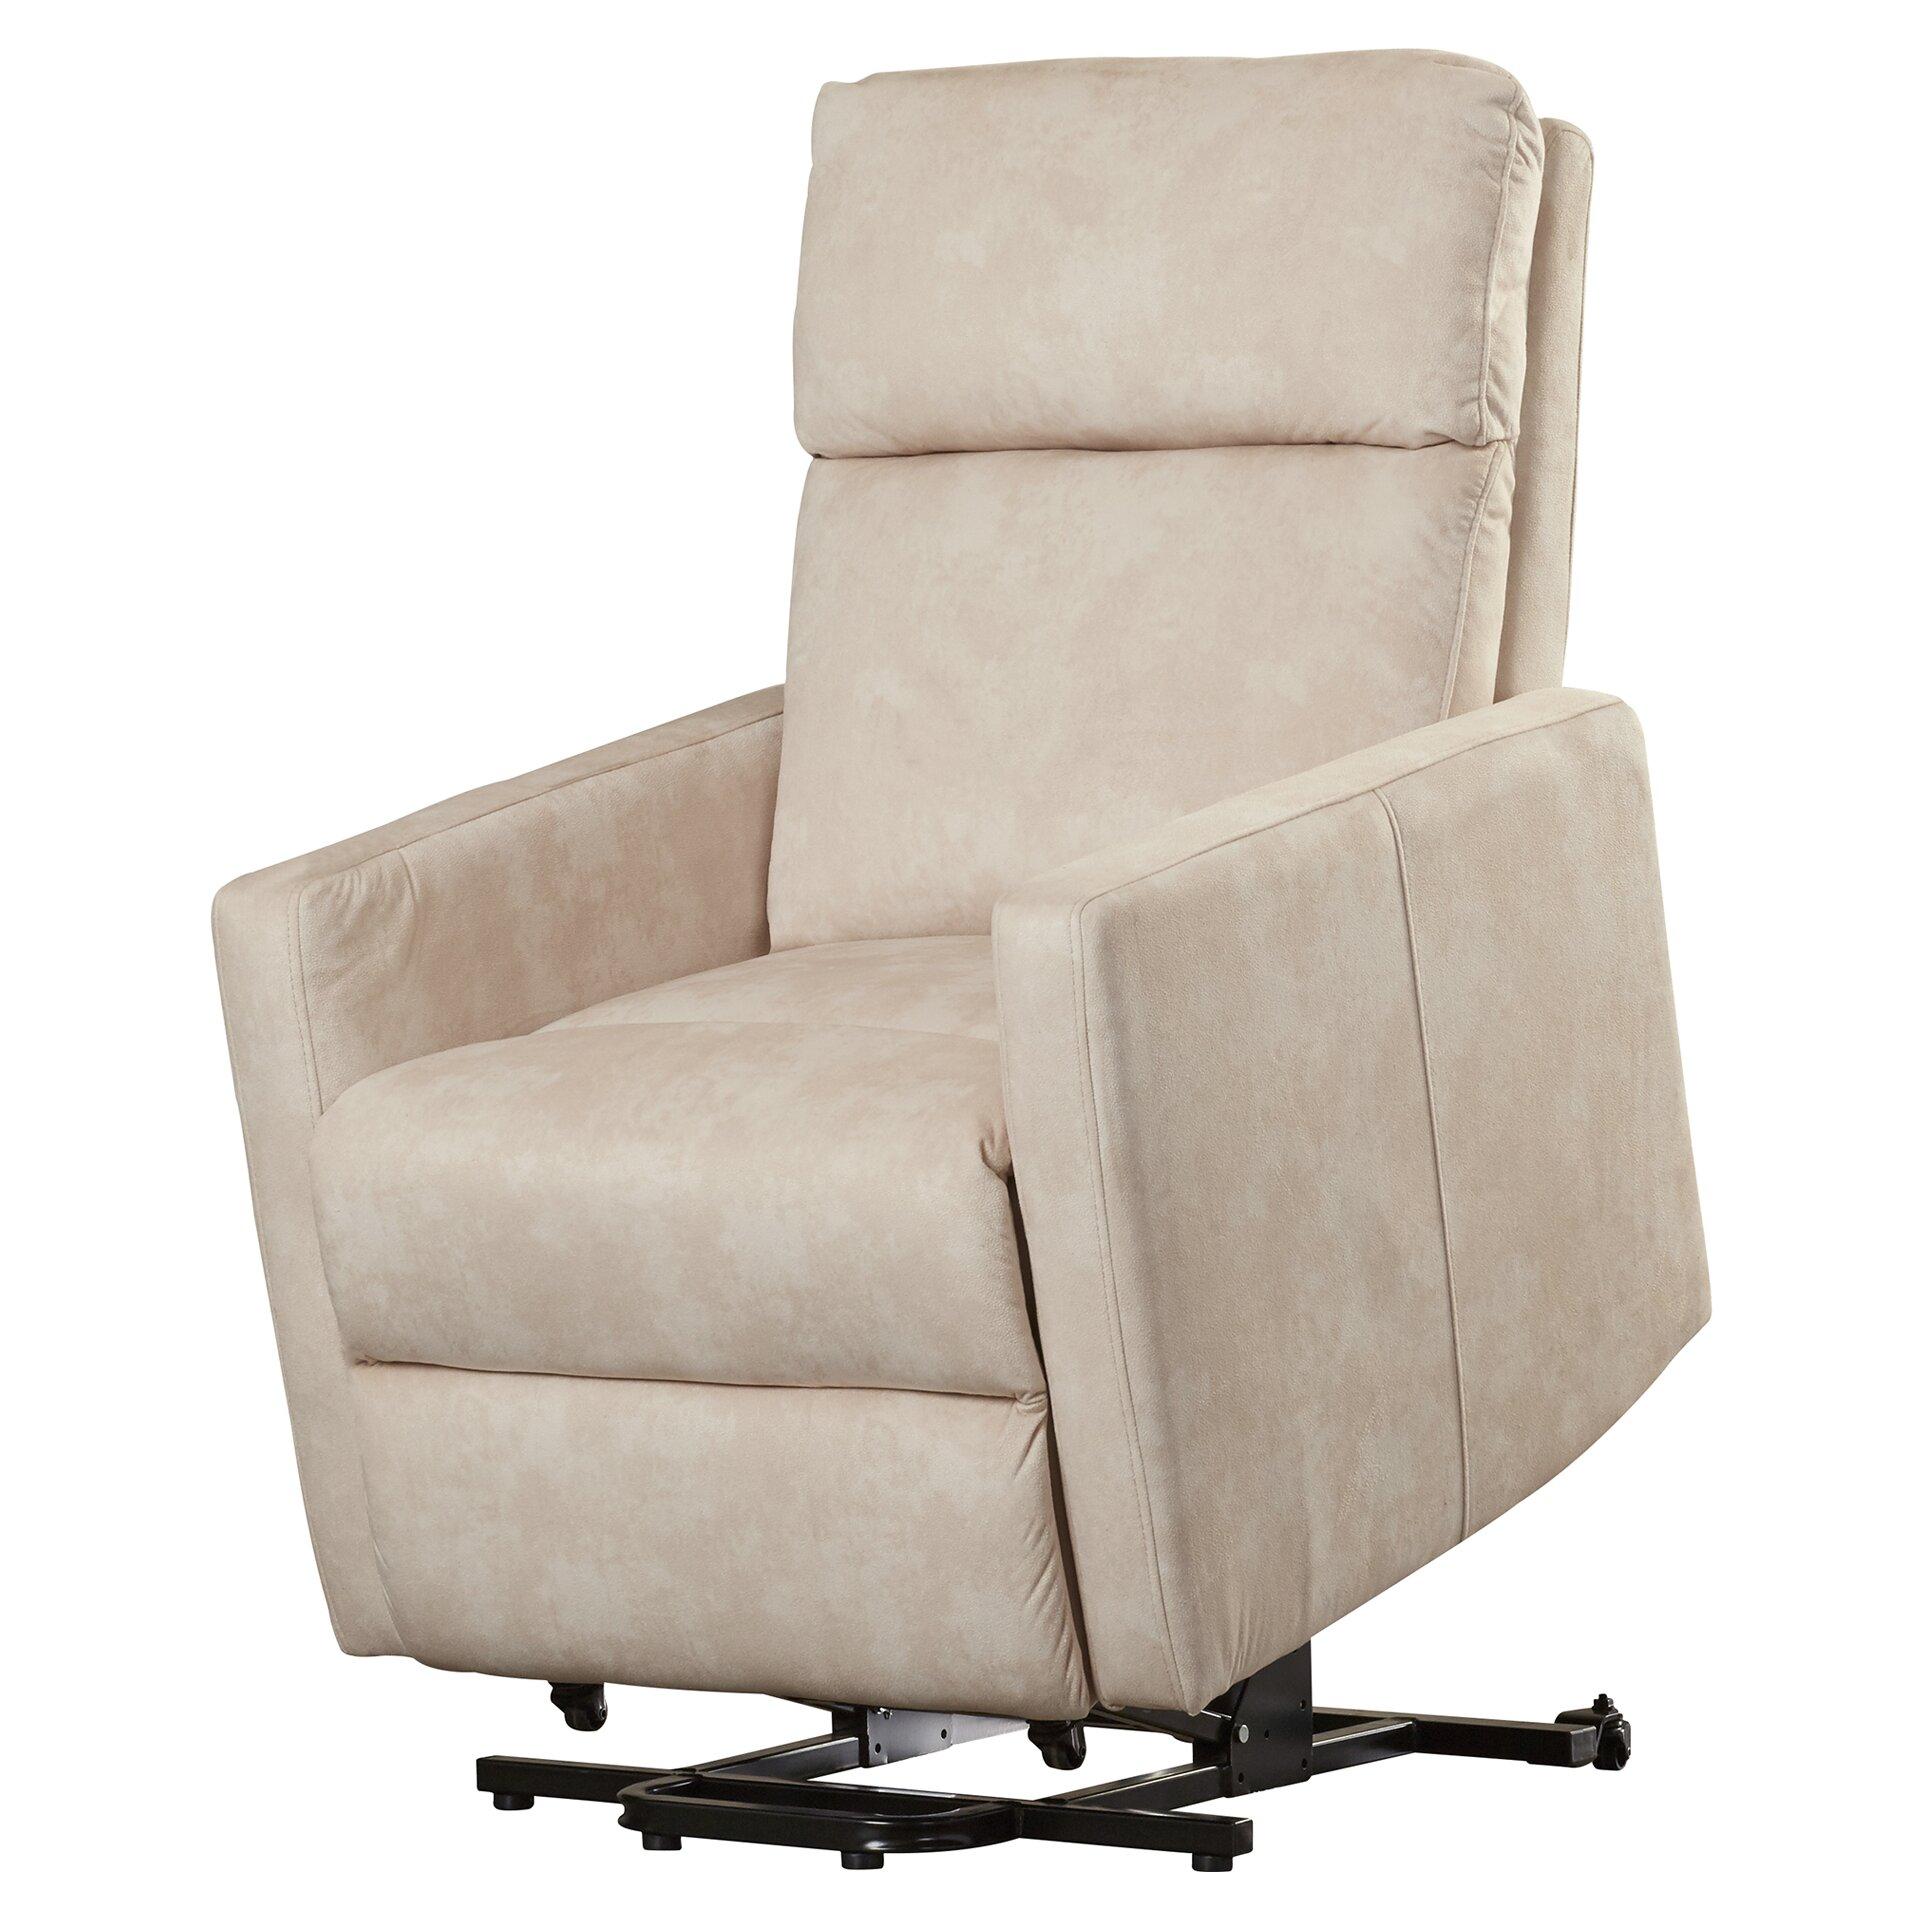 stunning albert power and lift wall hugger recliner with wall hugger recliner - Wall Hugger Recliner